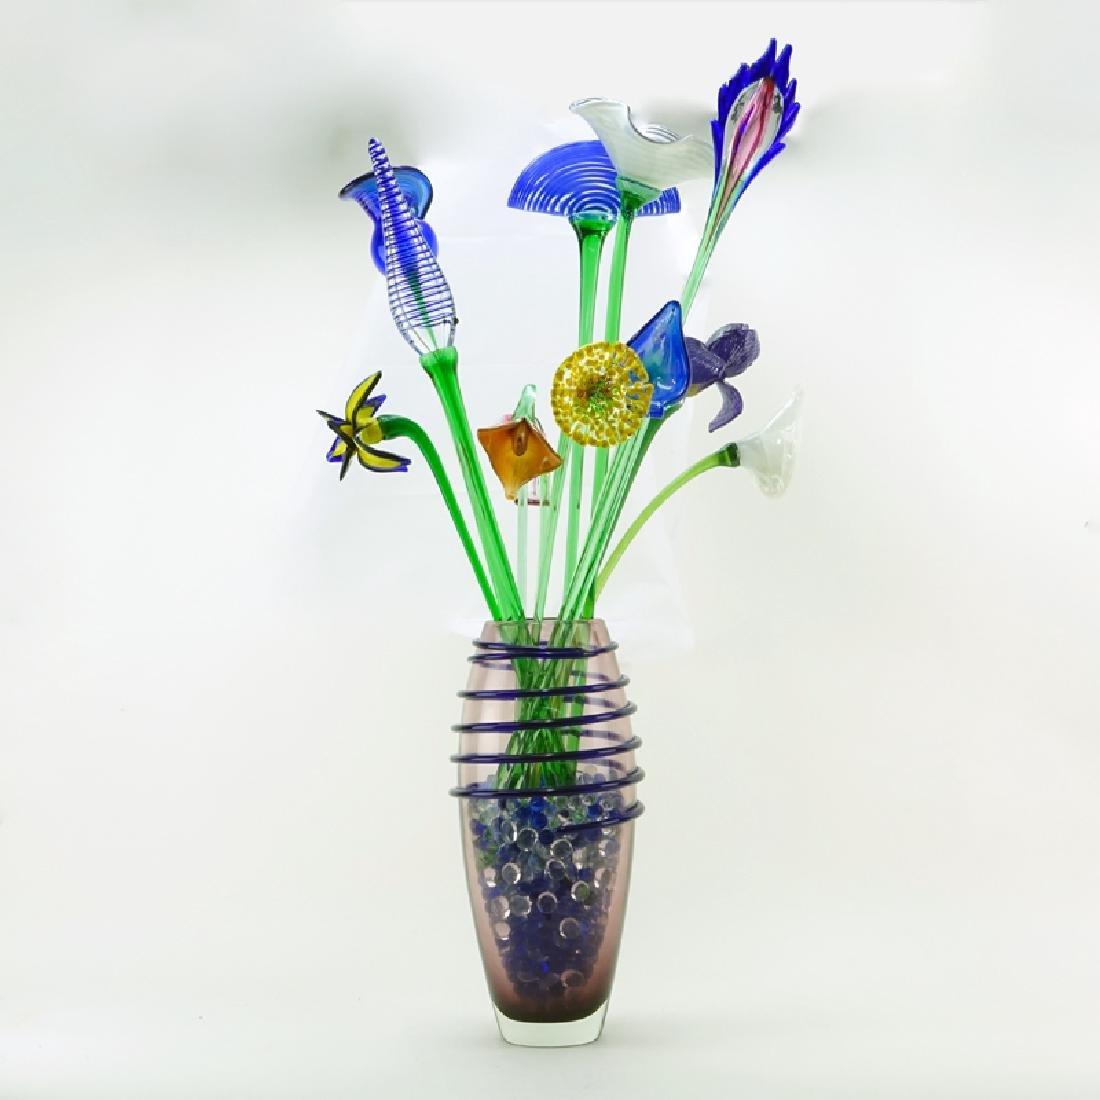 Mid Century Beranek Art Glass Bouquet of Flowers in